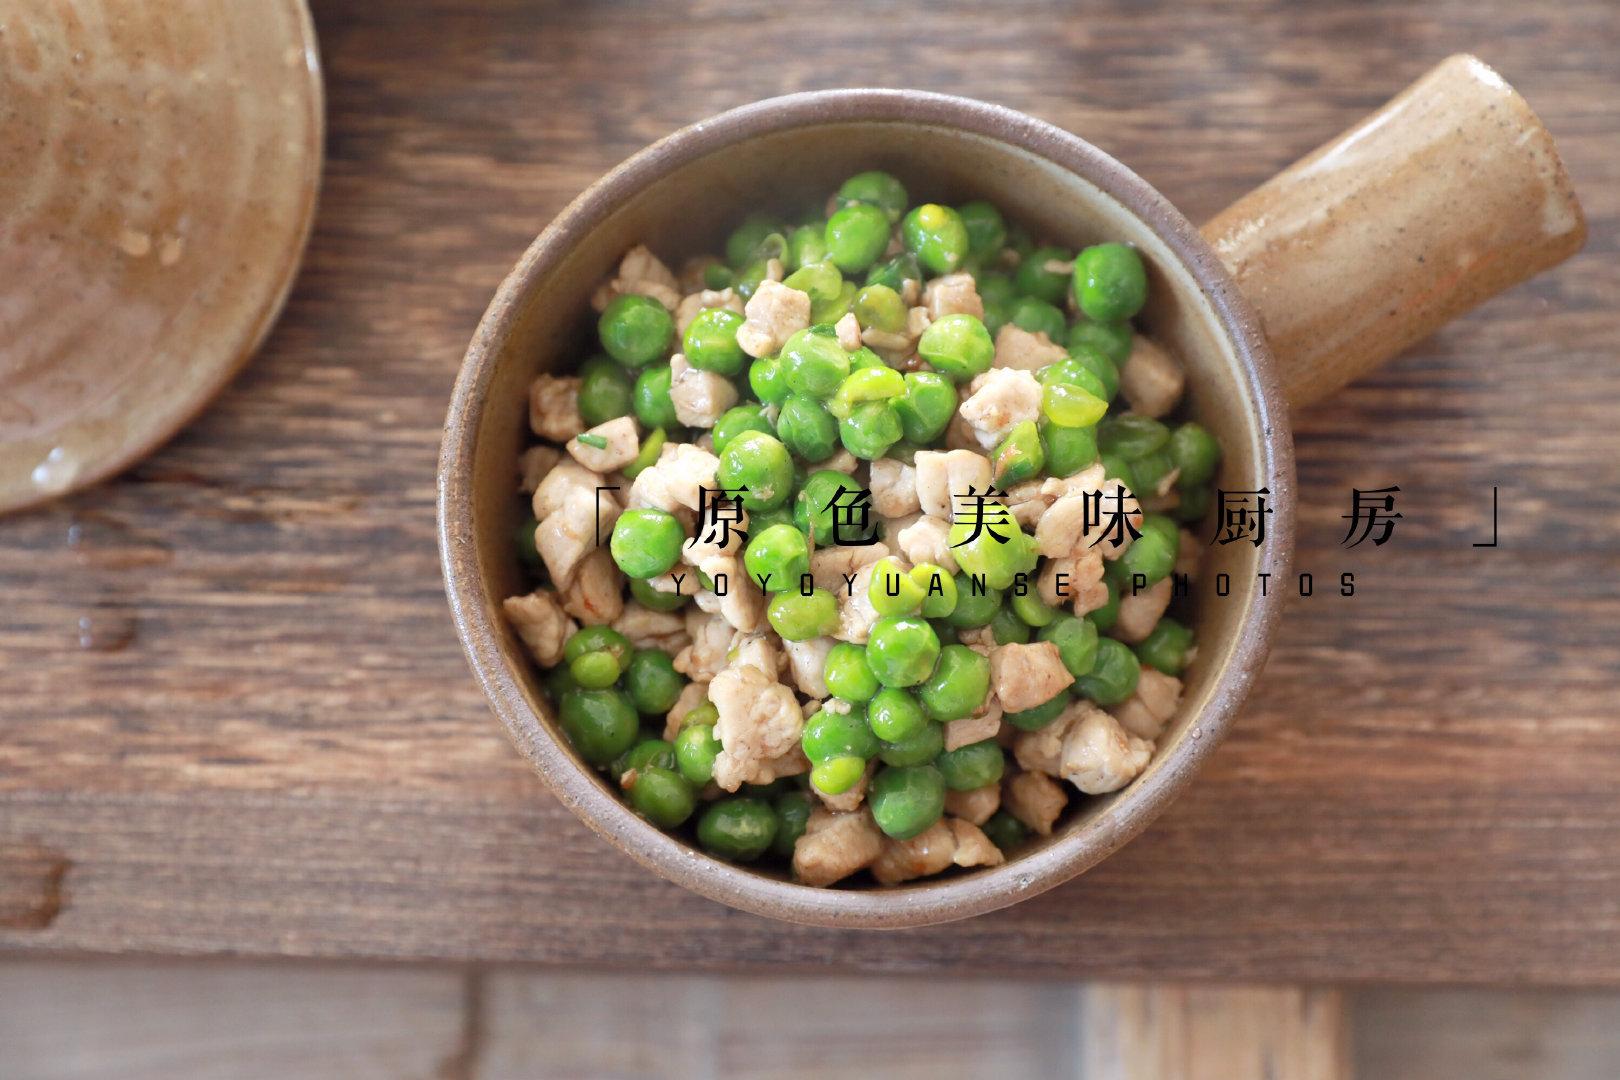 豌豆炒里脊:色泽艳丽,鲜嫩爽口